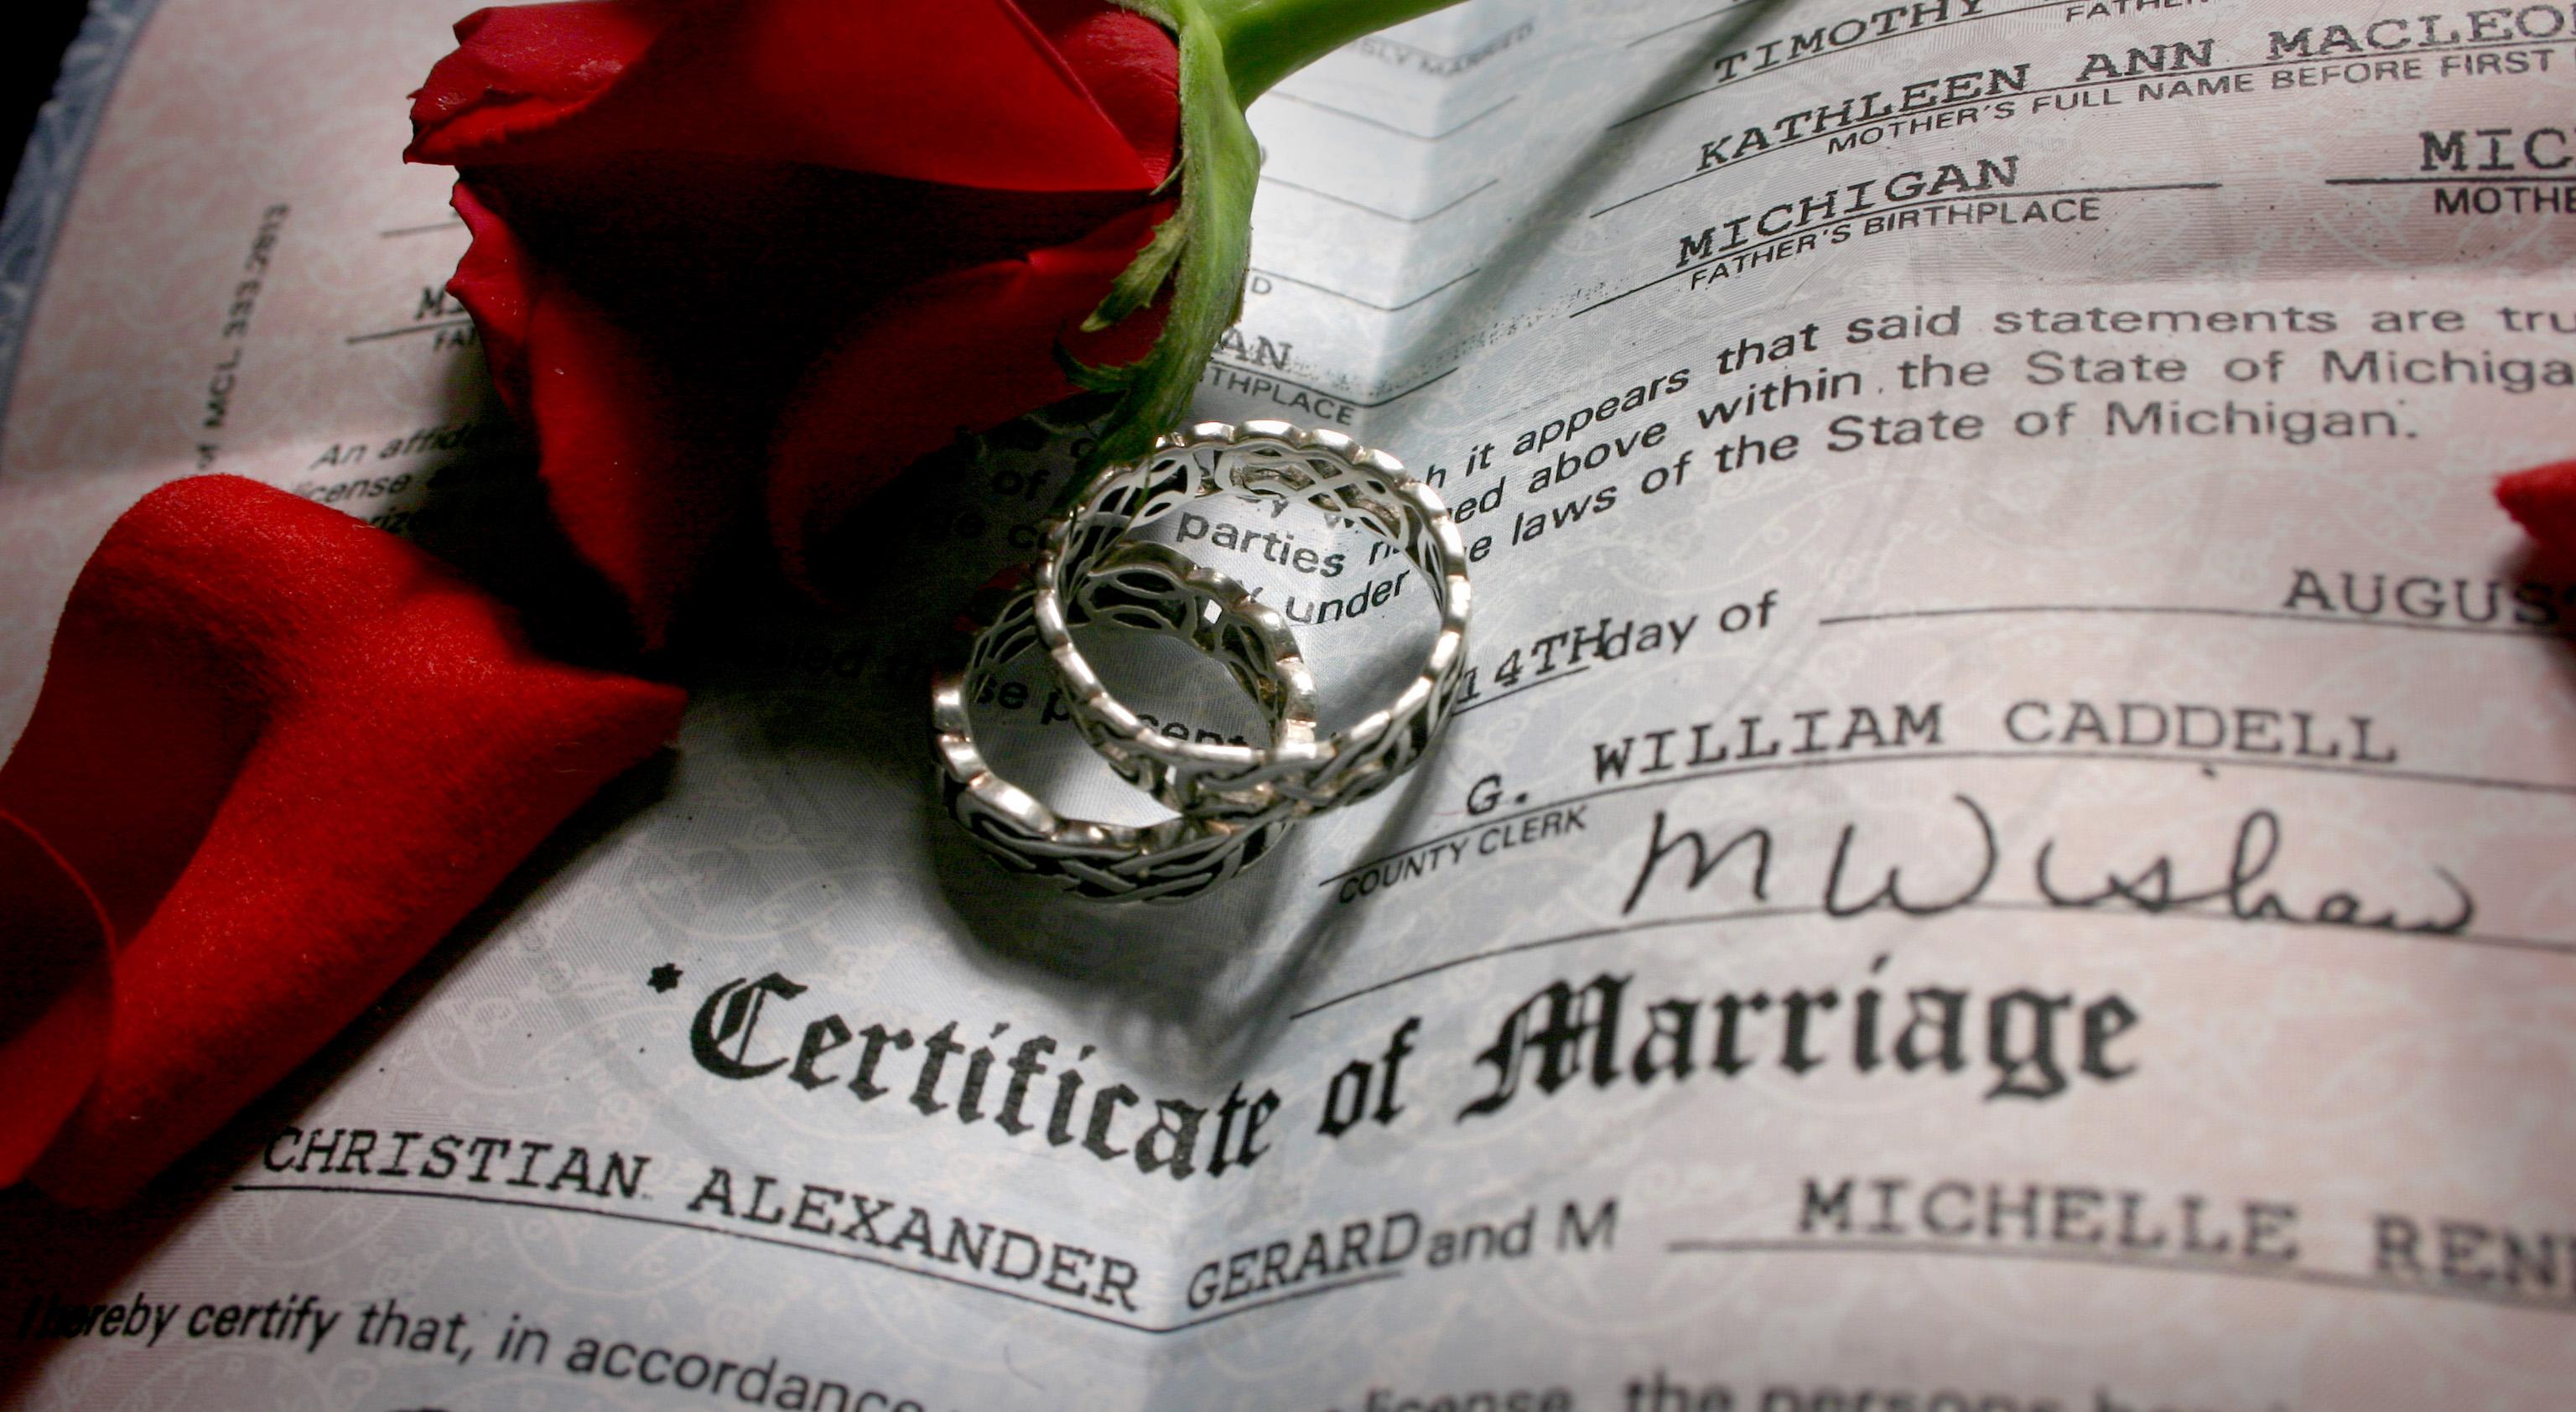 بالصور صور عيد زواج , اجمل صور لعيد الزواج 5835 1